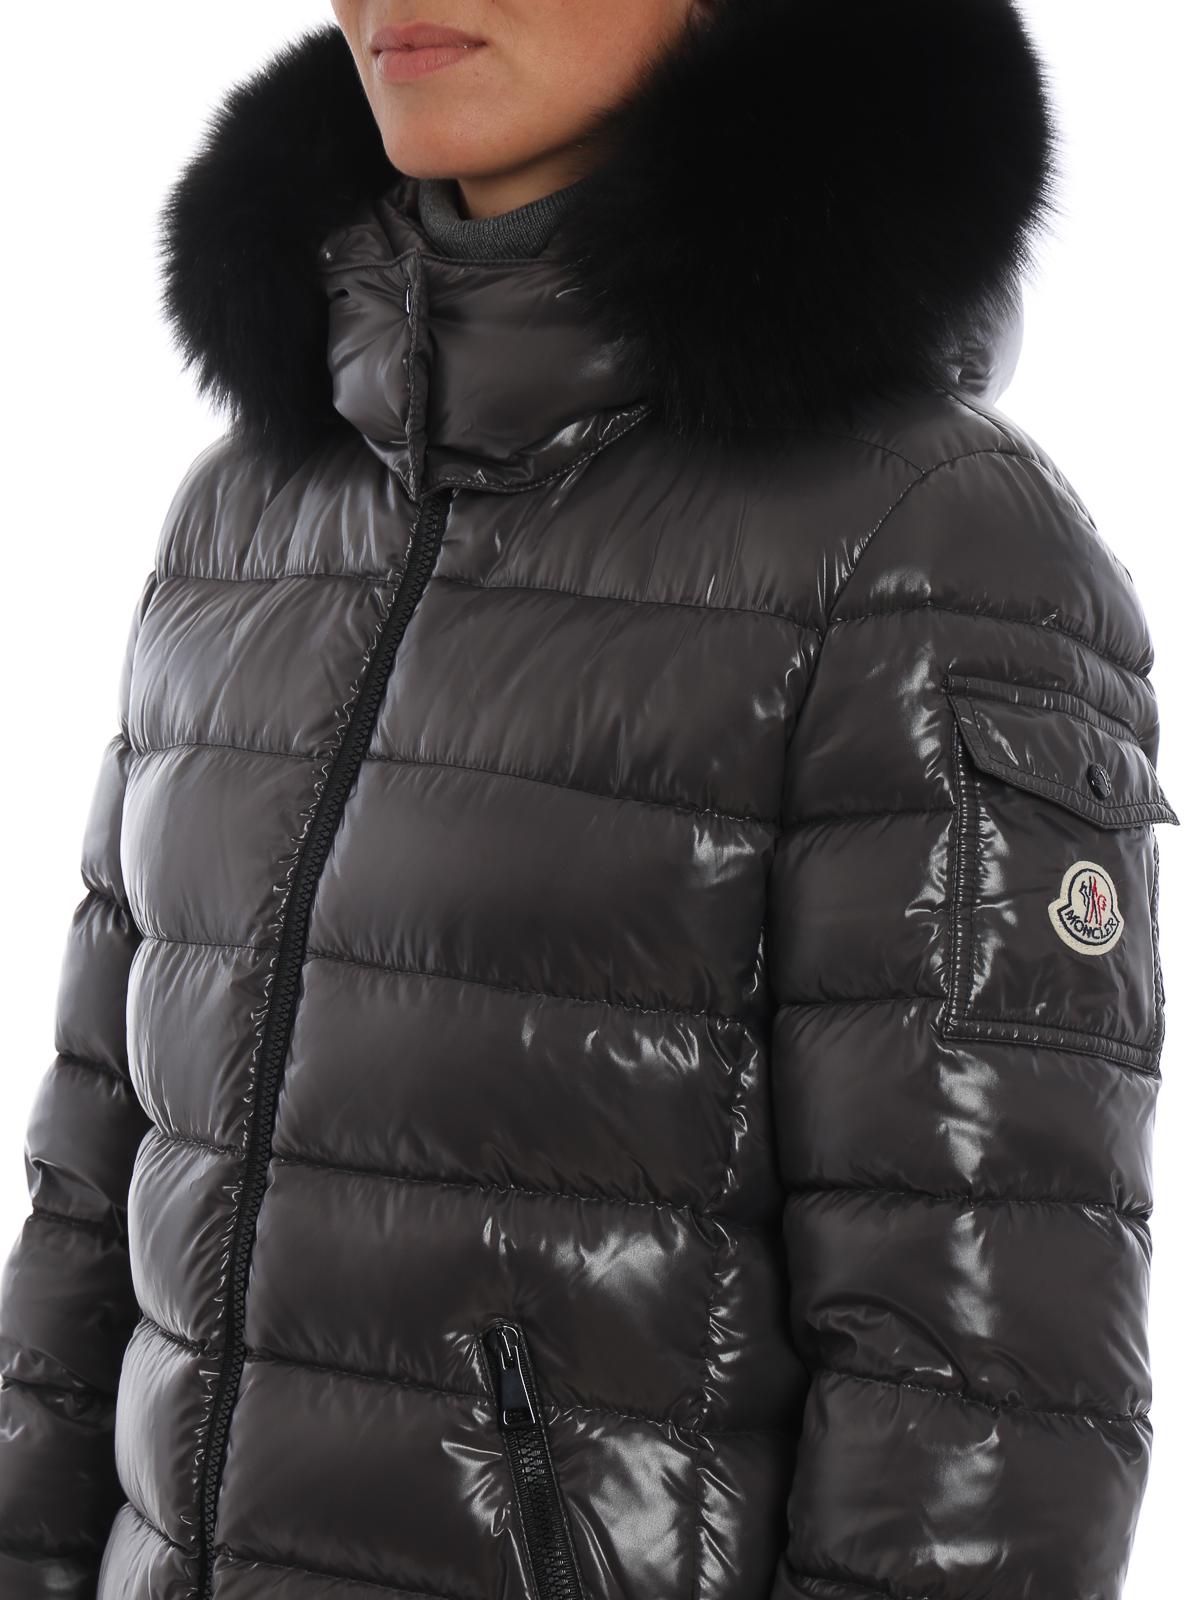 c9000a4b2 reduced moncler coats black friday sale timetable c8d84 c5198